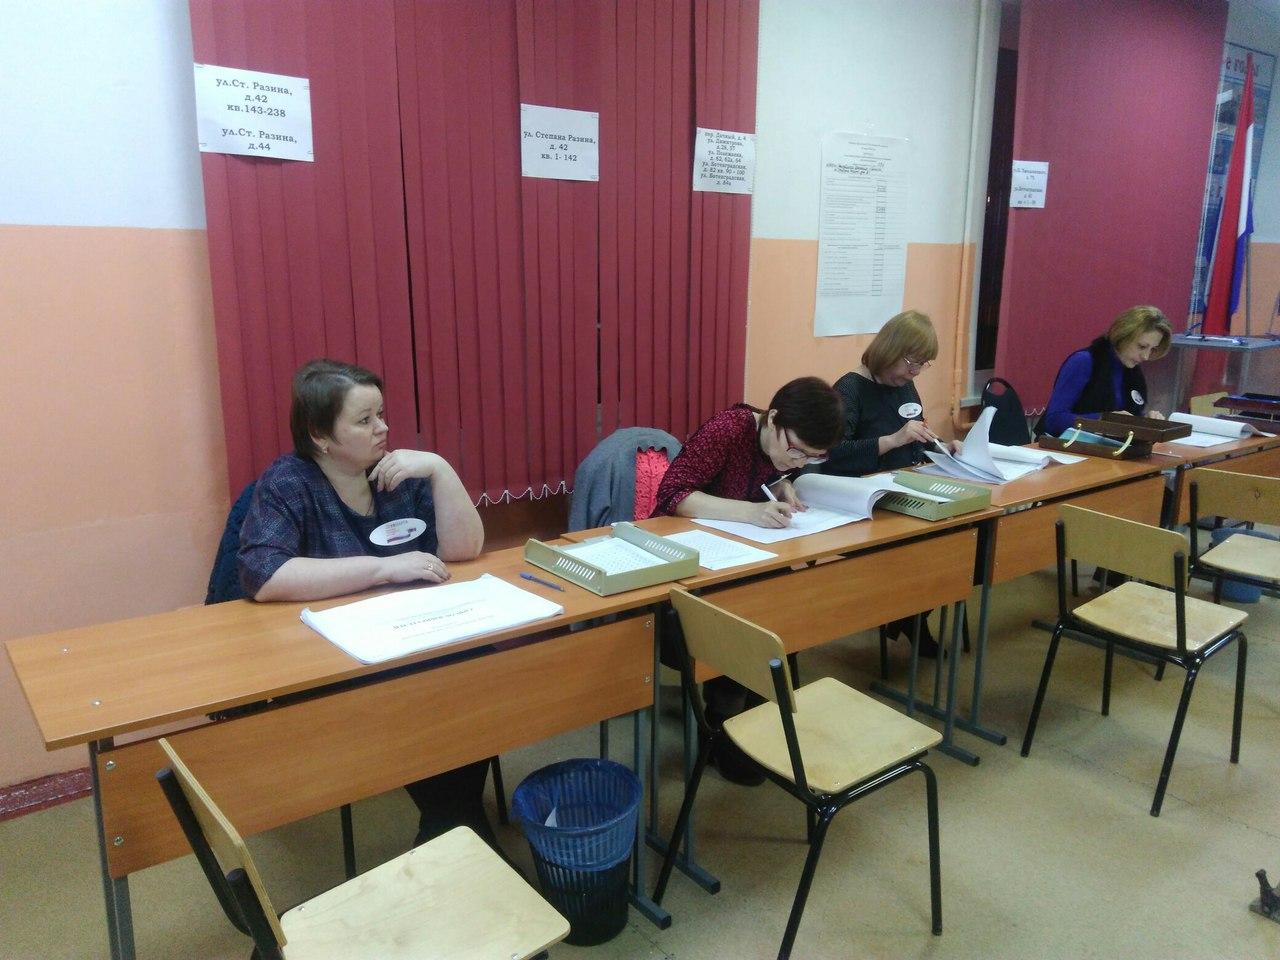 Участки республики закрыты, идет подсчет голосов избирателей